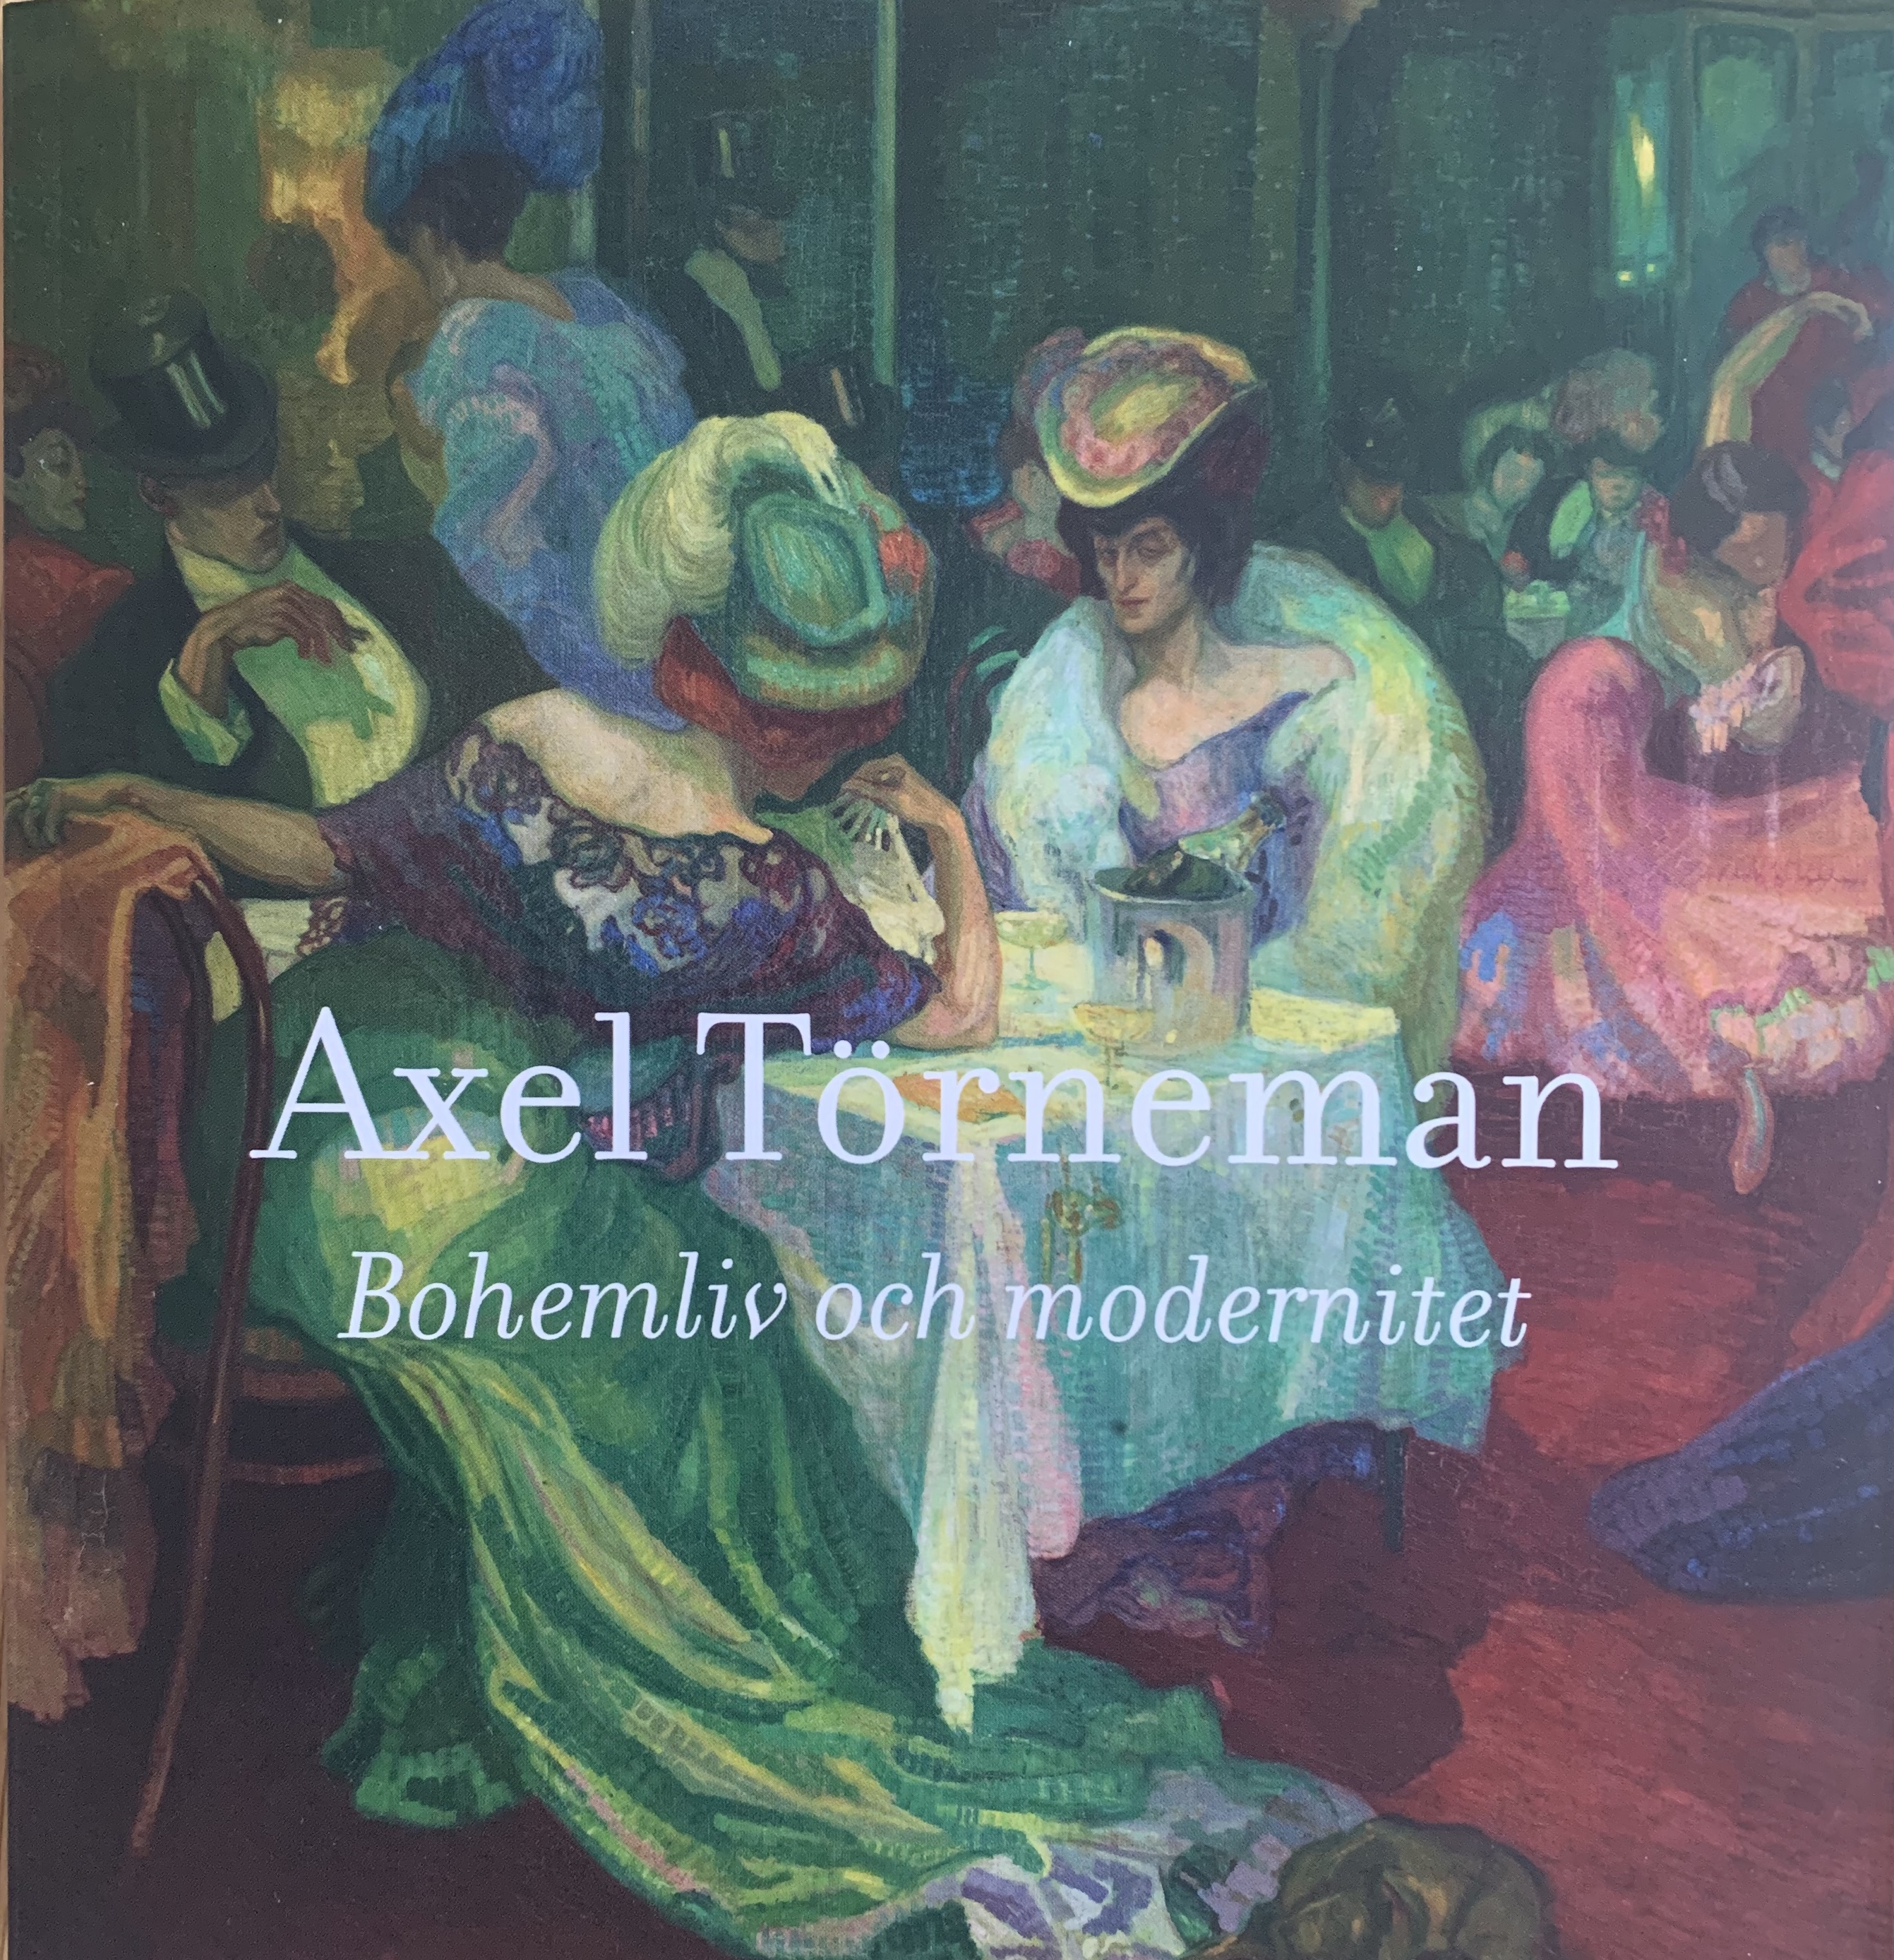 Katalog Axel Törneman